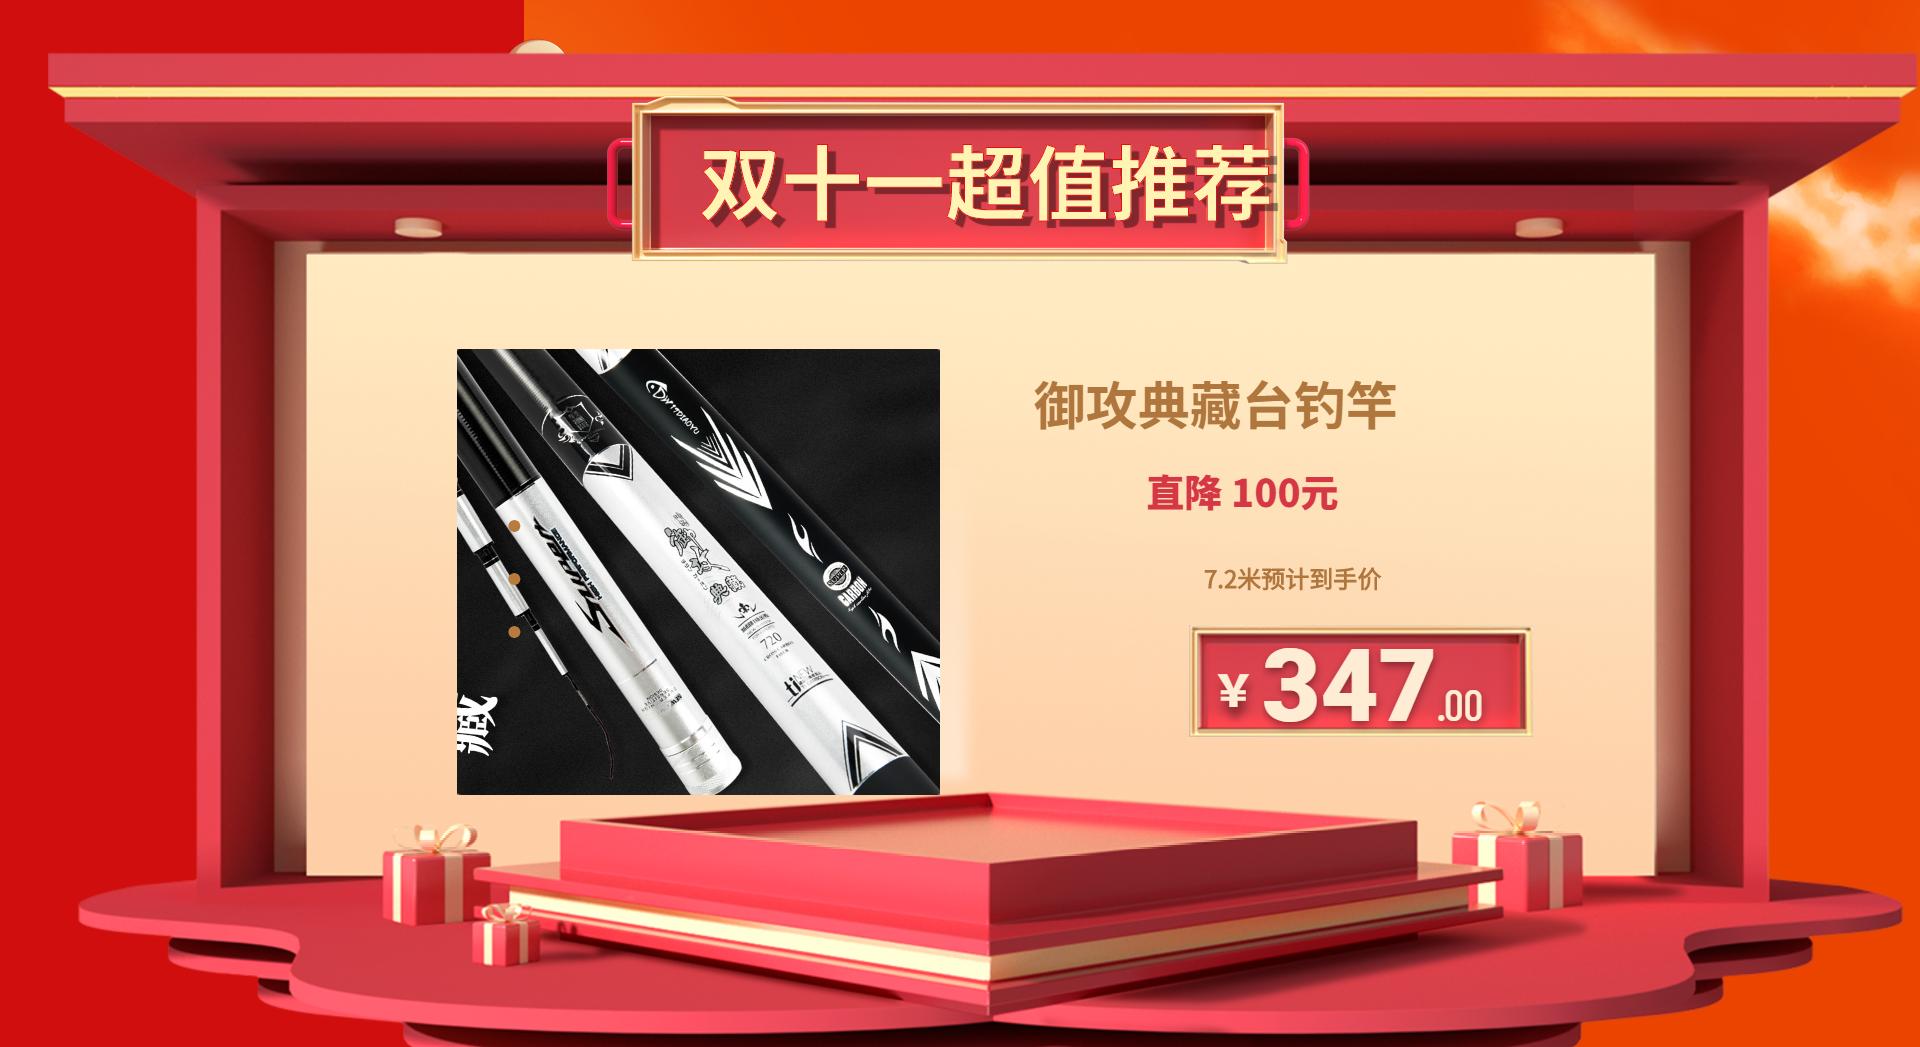 双11预售C4D数码家电店铺首页-3.png